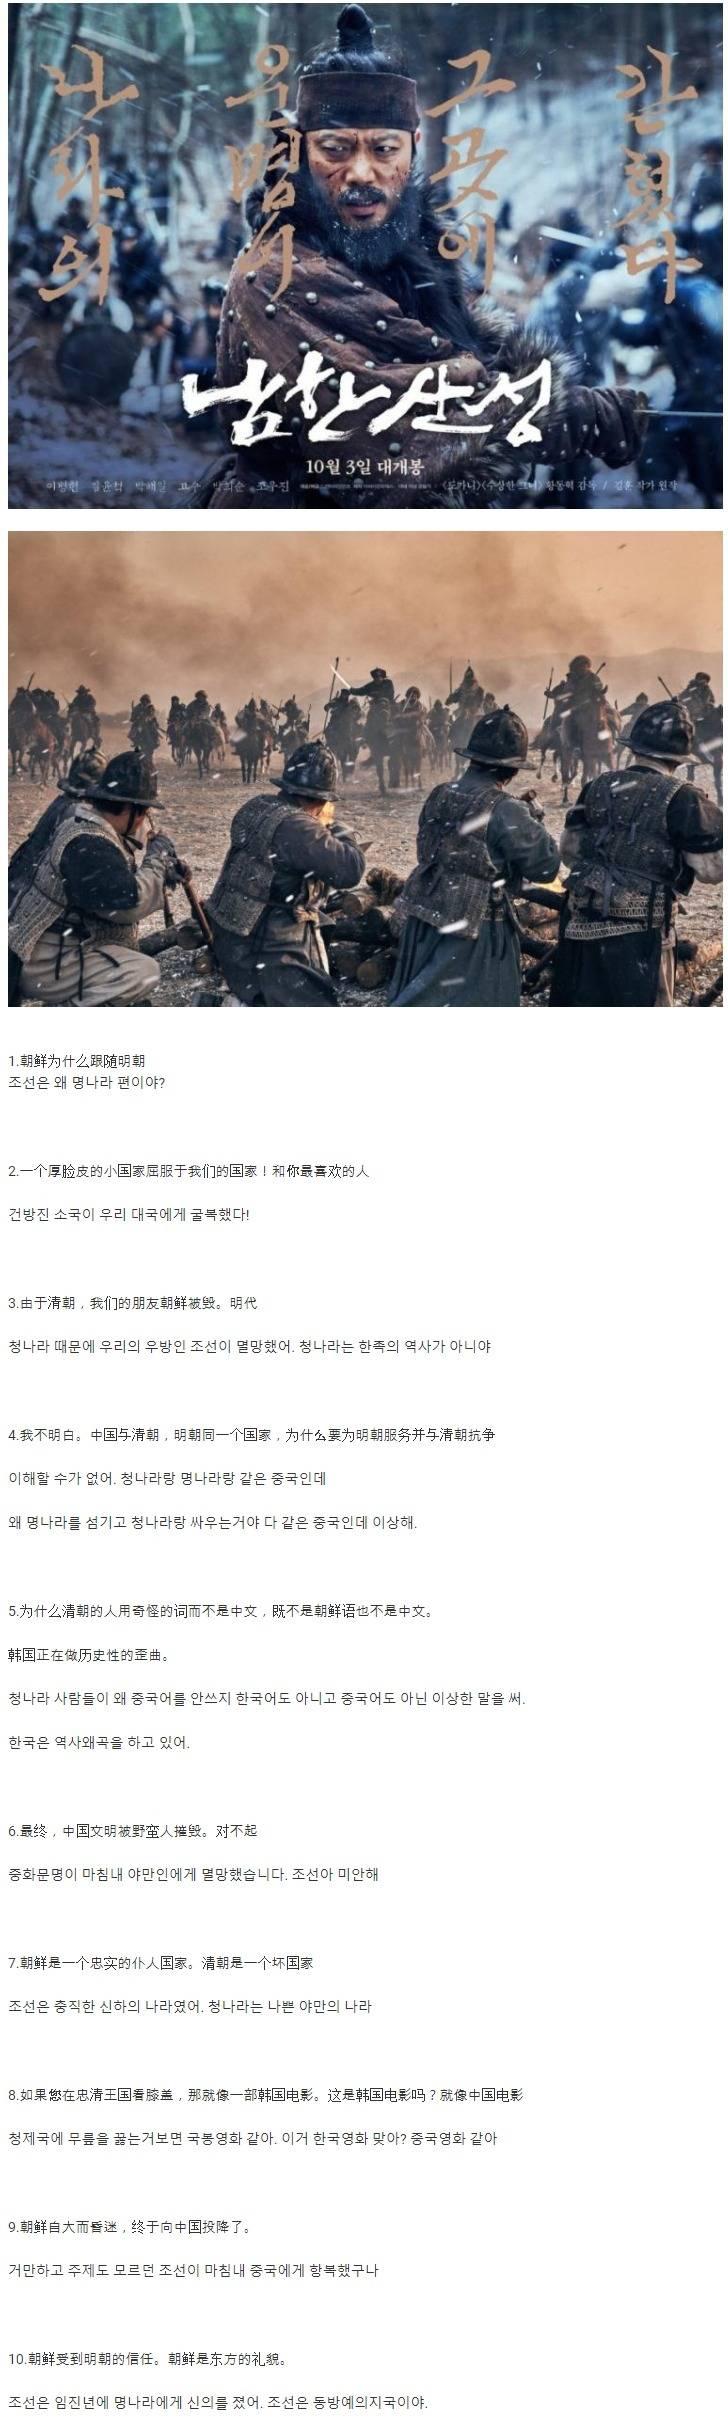 영화 남한산성 중국 반응